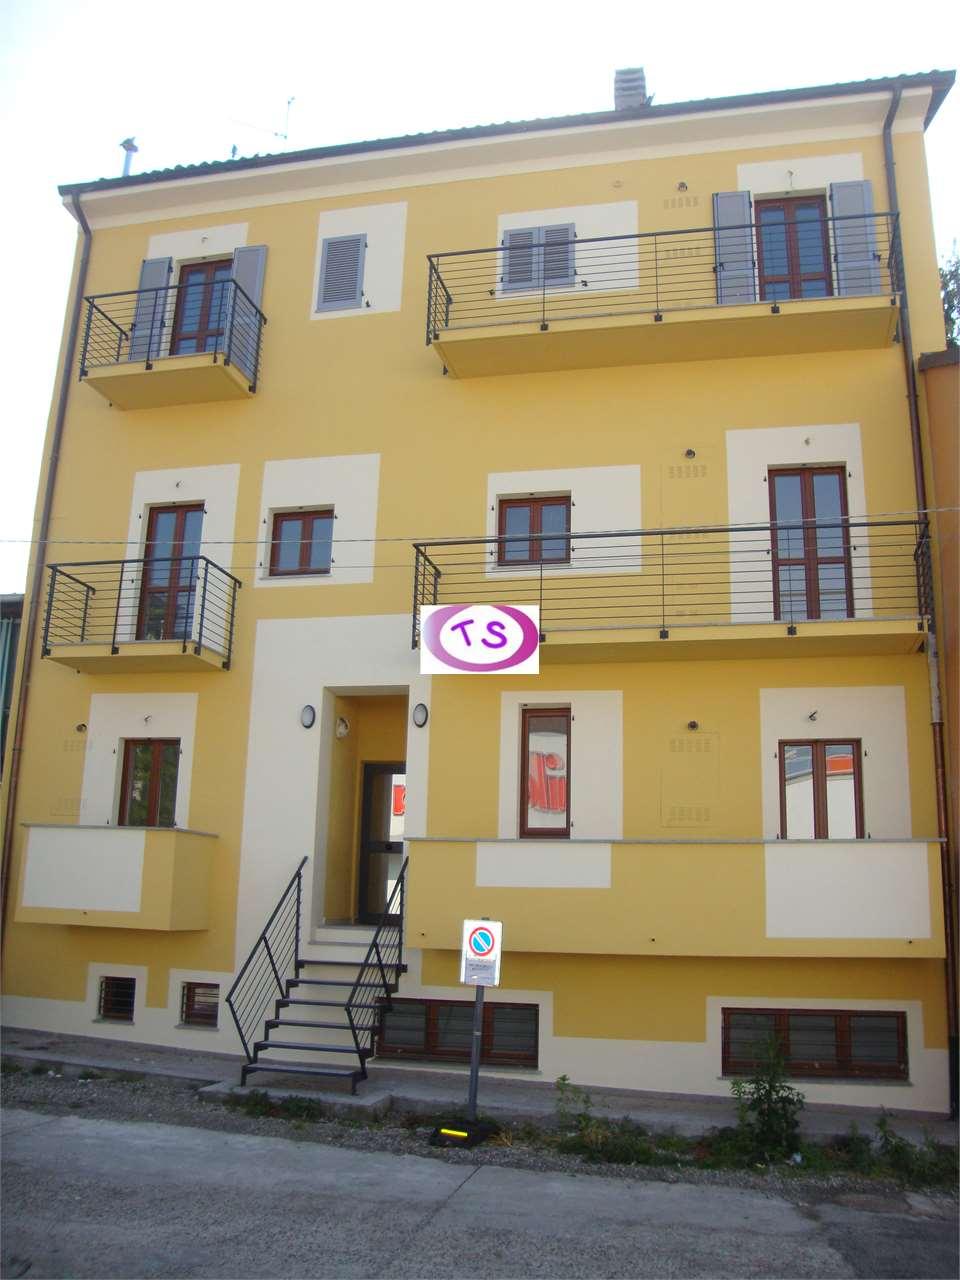 Ufficio / Studio in affitto a Casale Monferrato, 3 locali, prezzo € 250   CambioCasa.it